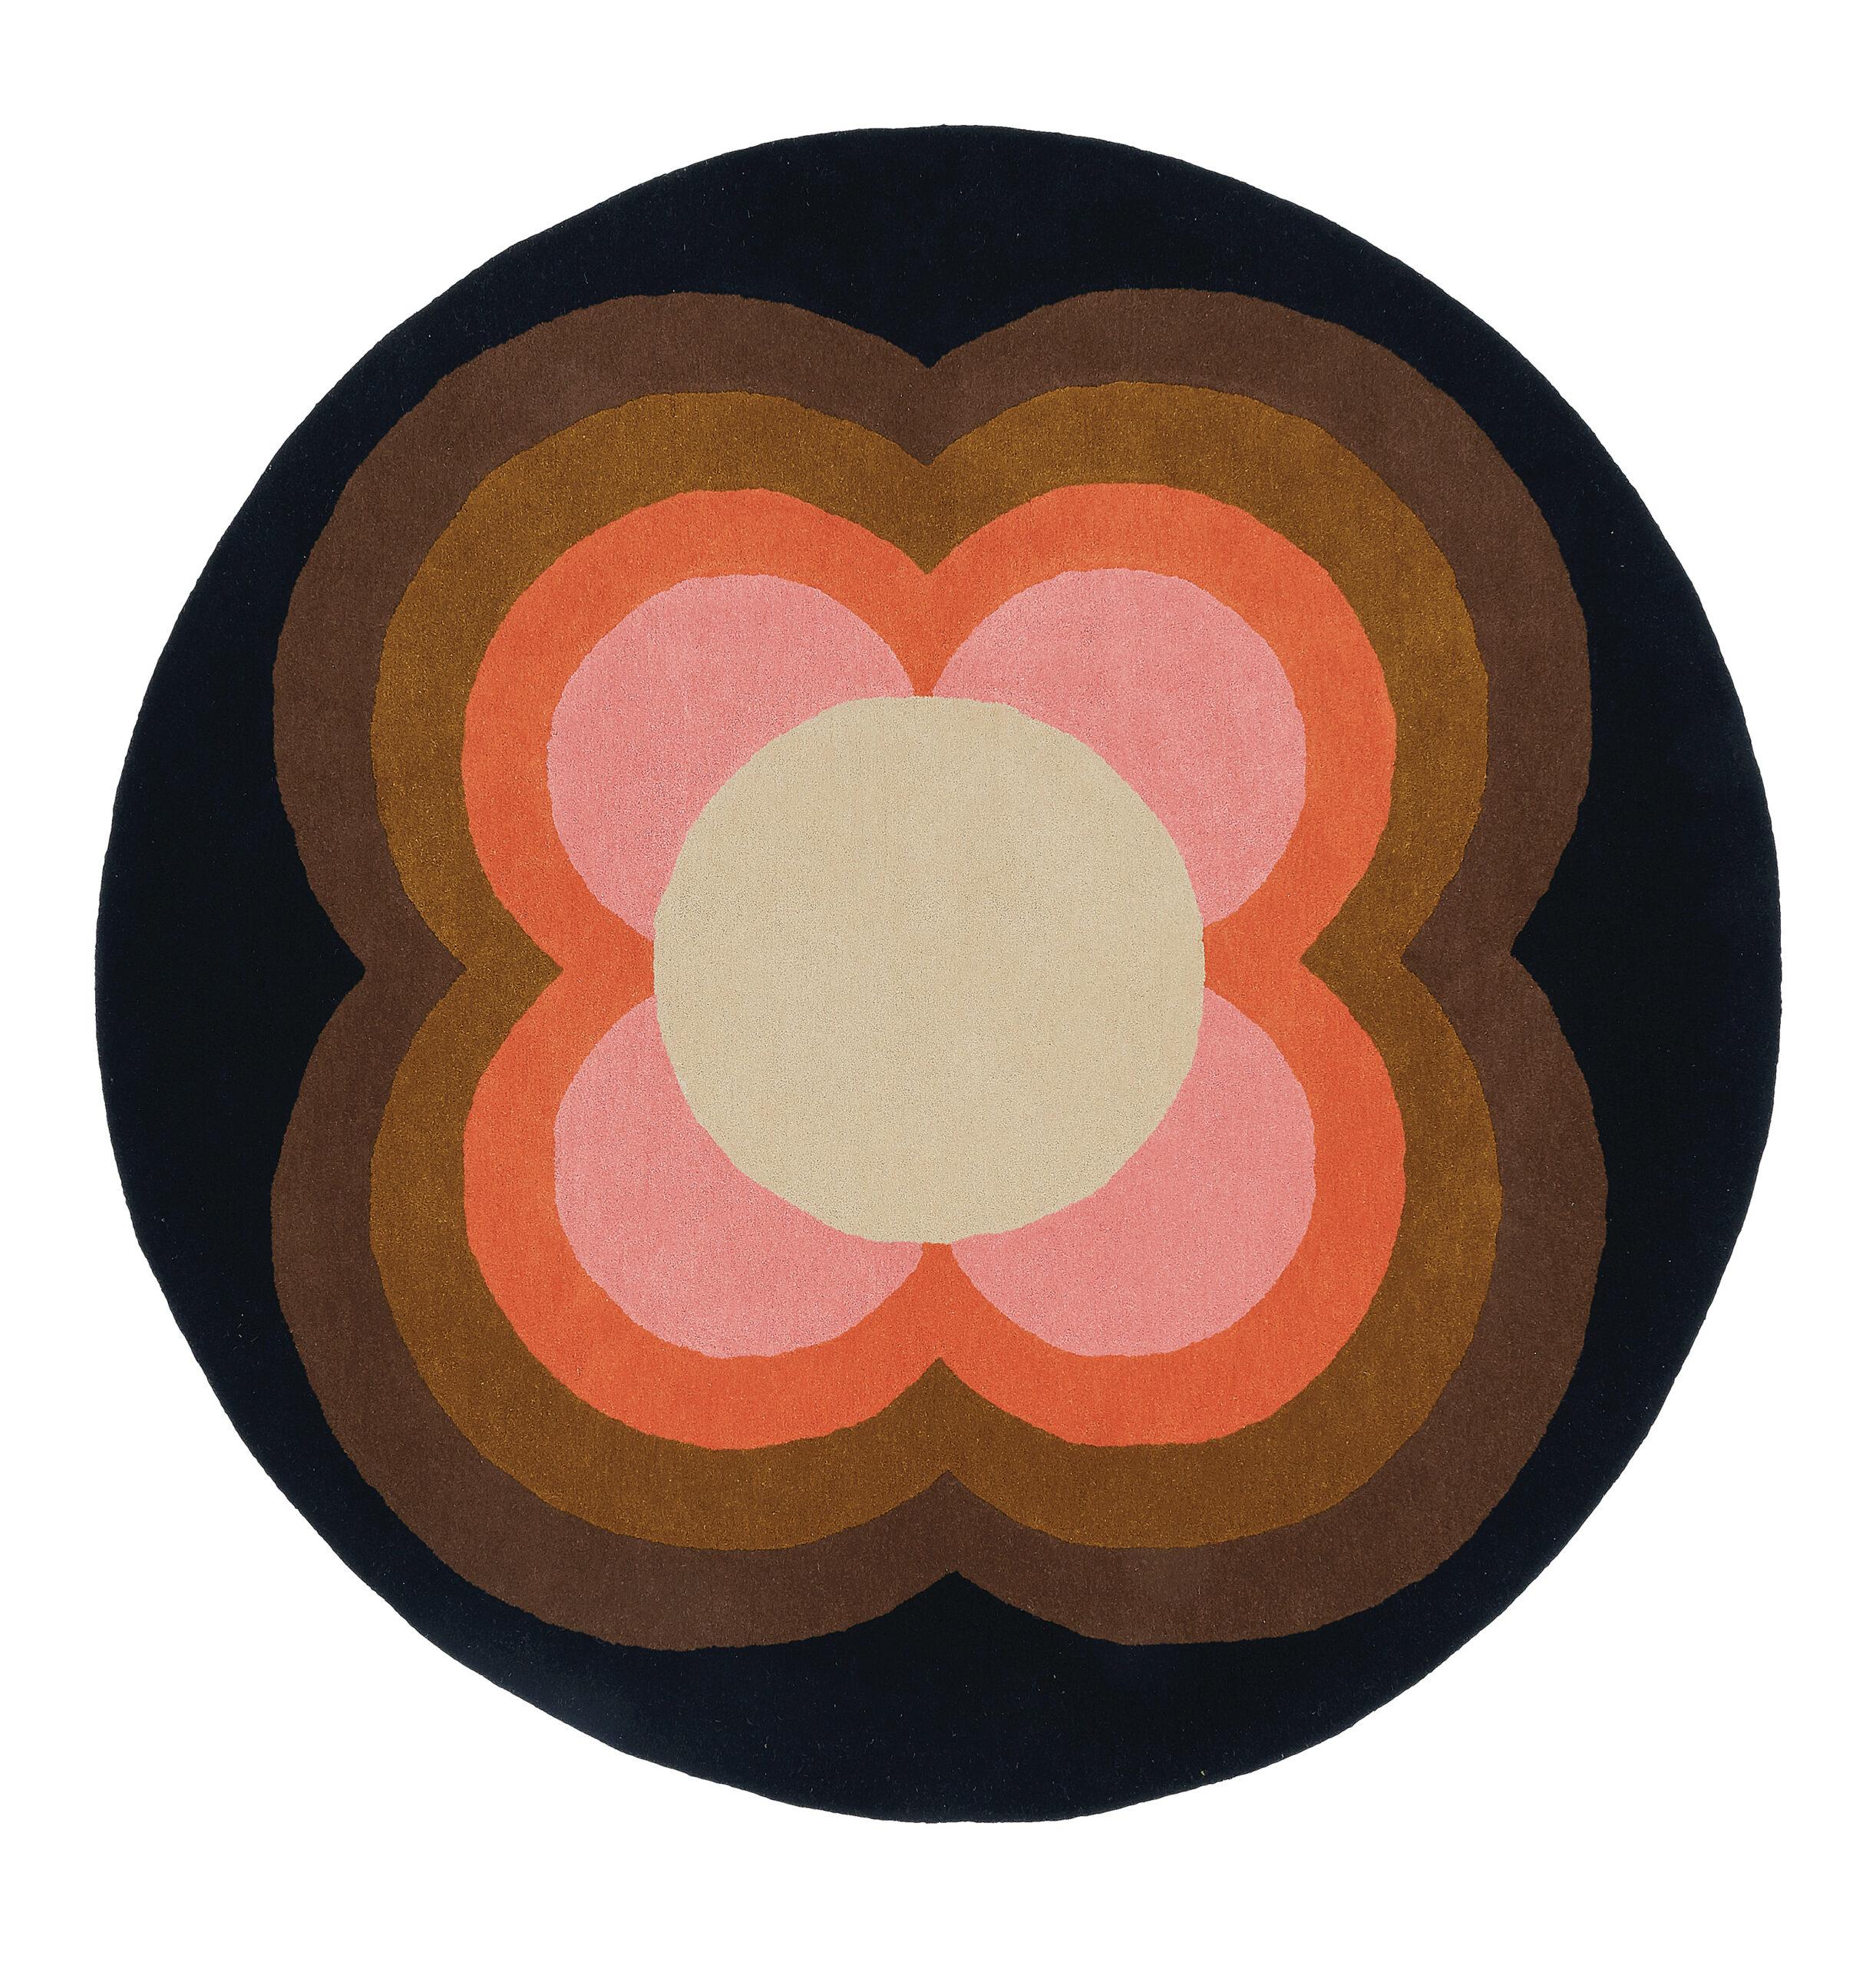 Okrągły Kolorowy Dywan w Kwiaty - SUNFLOWER PINK 060005 150x150